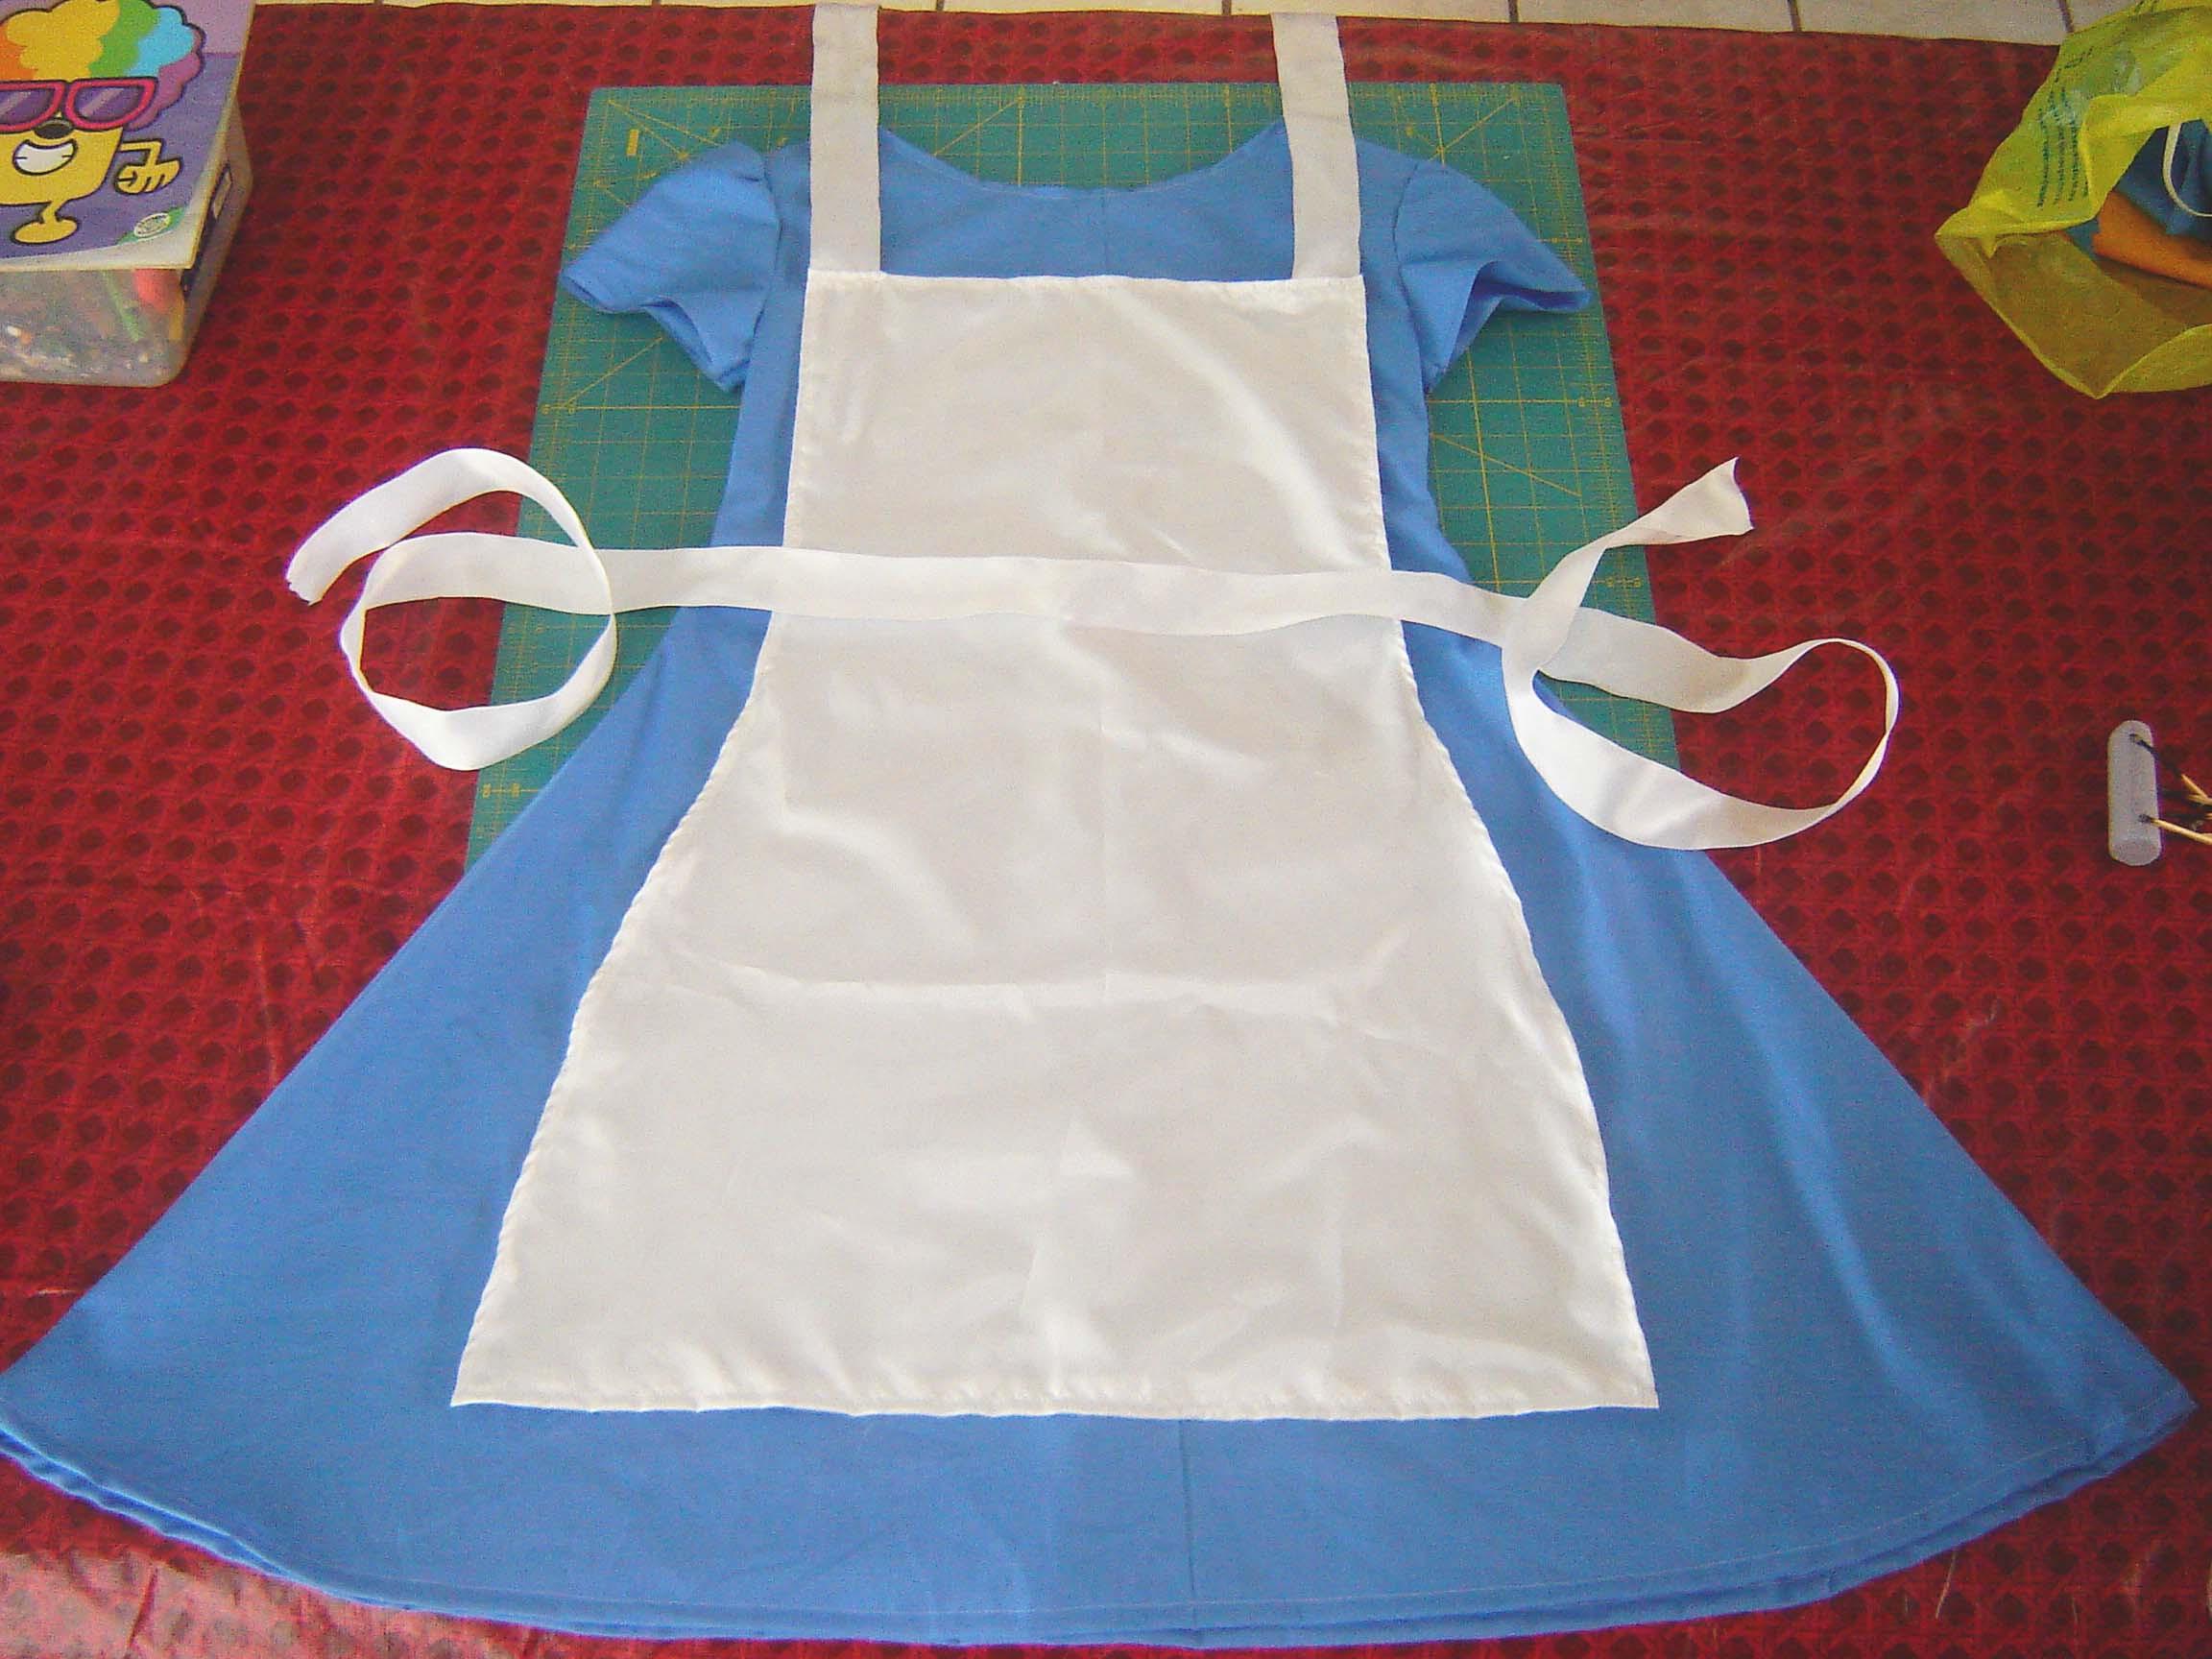 Best ideas about DIY Alice In Wonderland Costumes . Save or Pin Last Minute Alice in Wonderland Costume Now.